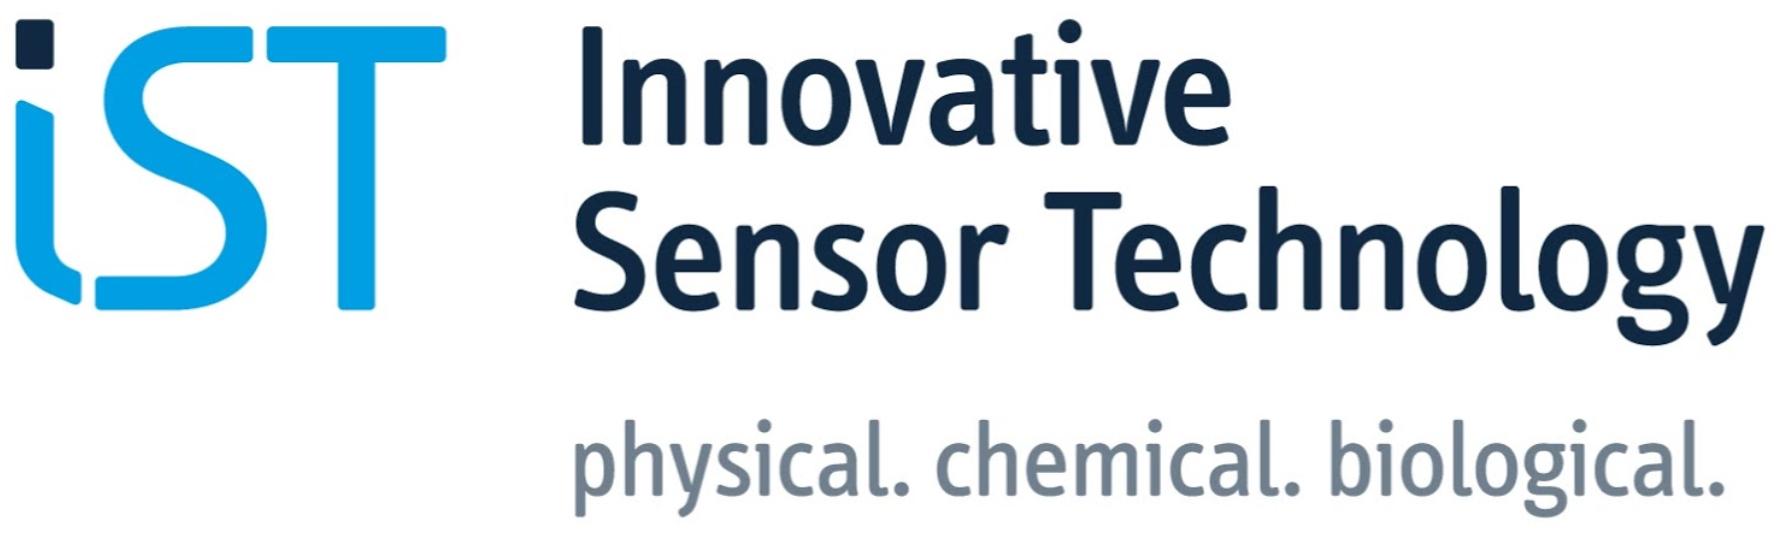 Innovative Sensor Technology AG logo new